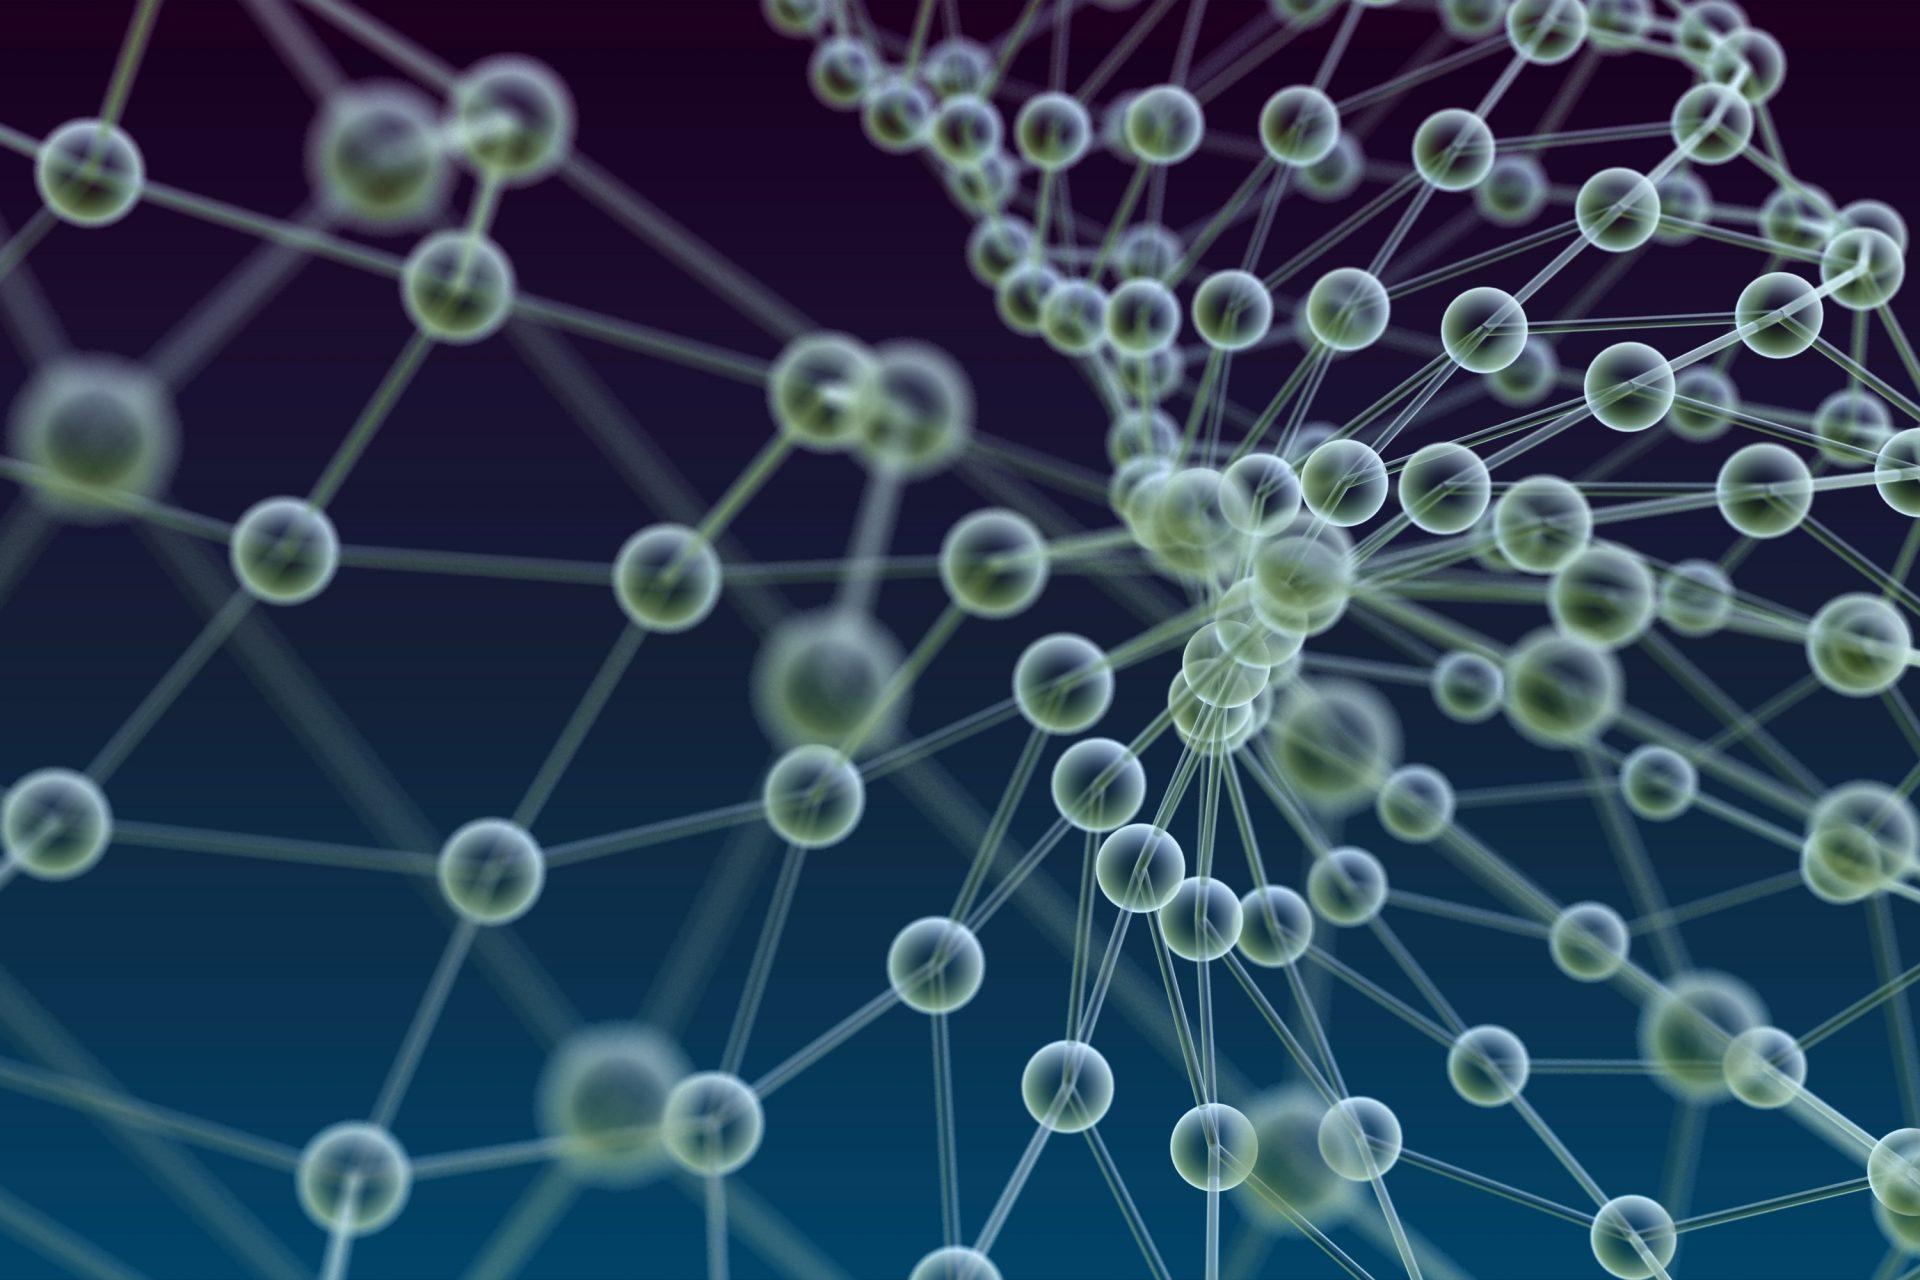 Novo método de síntese pode fornecer polímeros mais facilmente degradáveis e acelerar ação de medicamentos